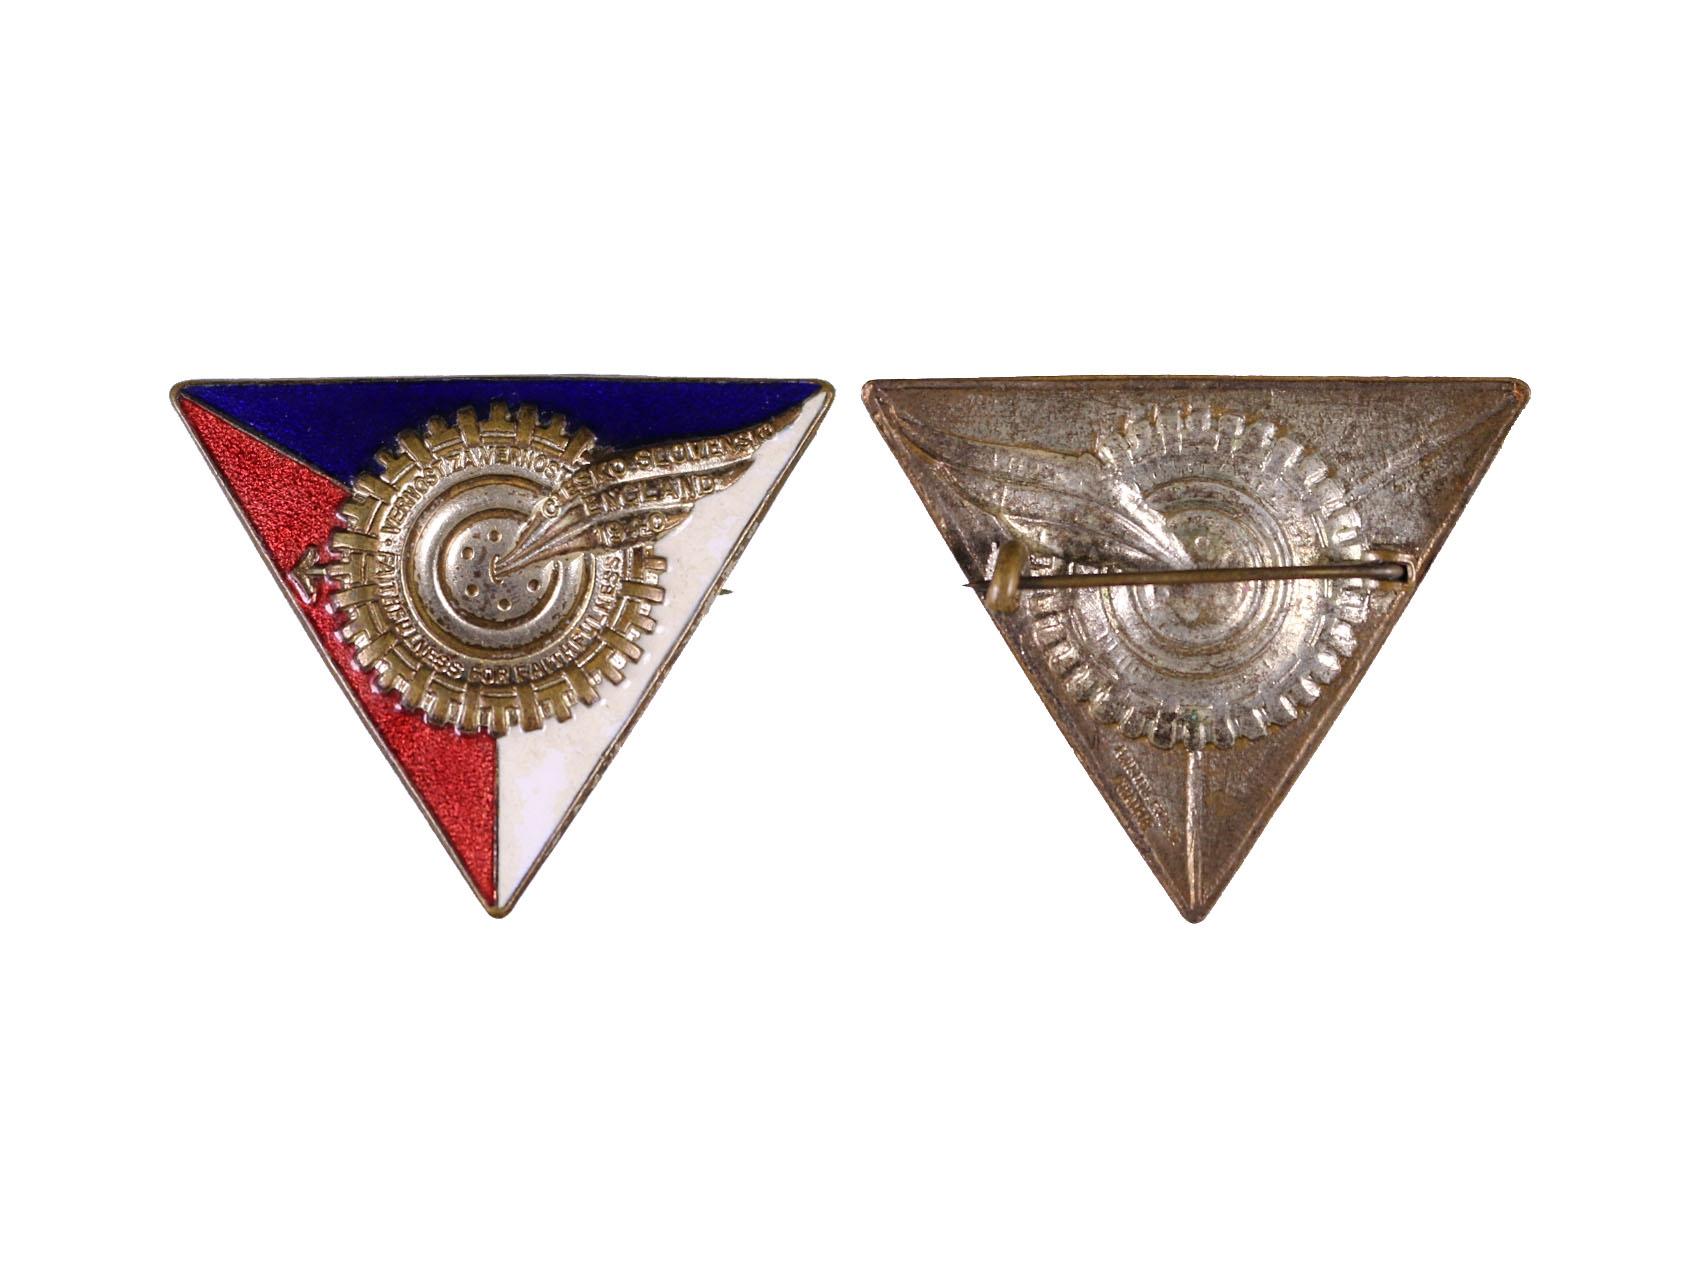 Pamětní odznak VĚRNOST ZA VĚRNOST, smaltovaný, výrobce H.W.Miller Velká Británie, obecný kov postříbřený, smalty, rozměry 46,5x38 mm, upínání na vodorovnou jehlu